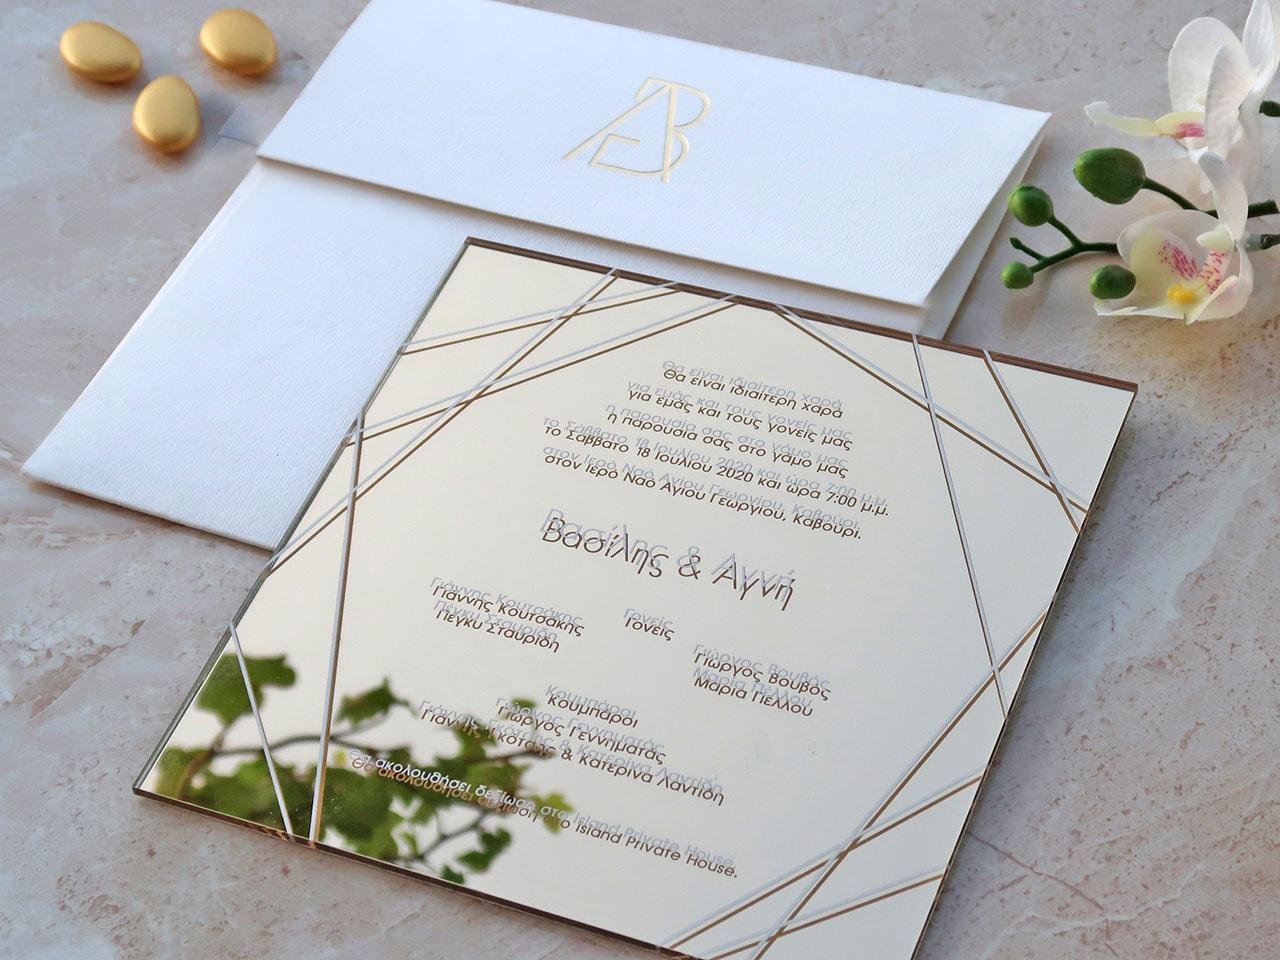 Προσκλητήριο γάμου σε plexiglass χρυσό καθρέπτη